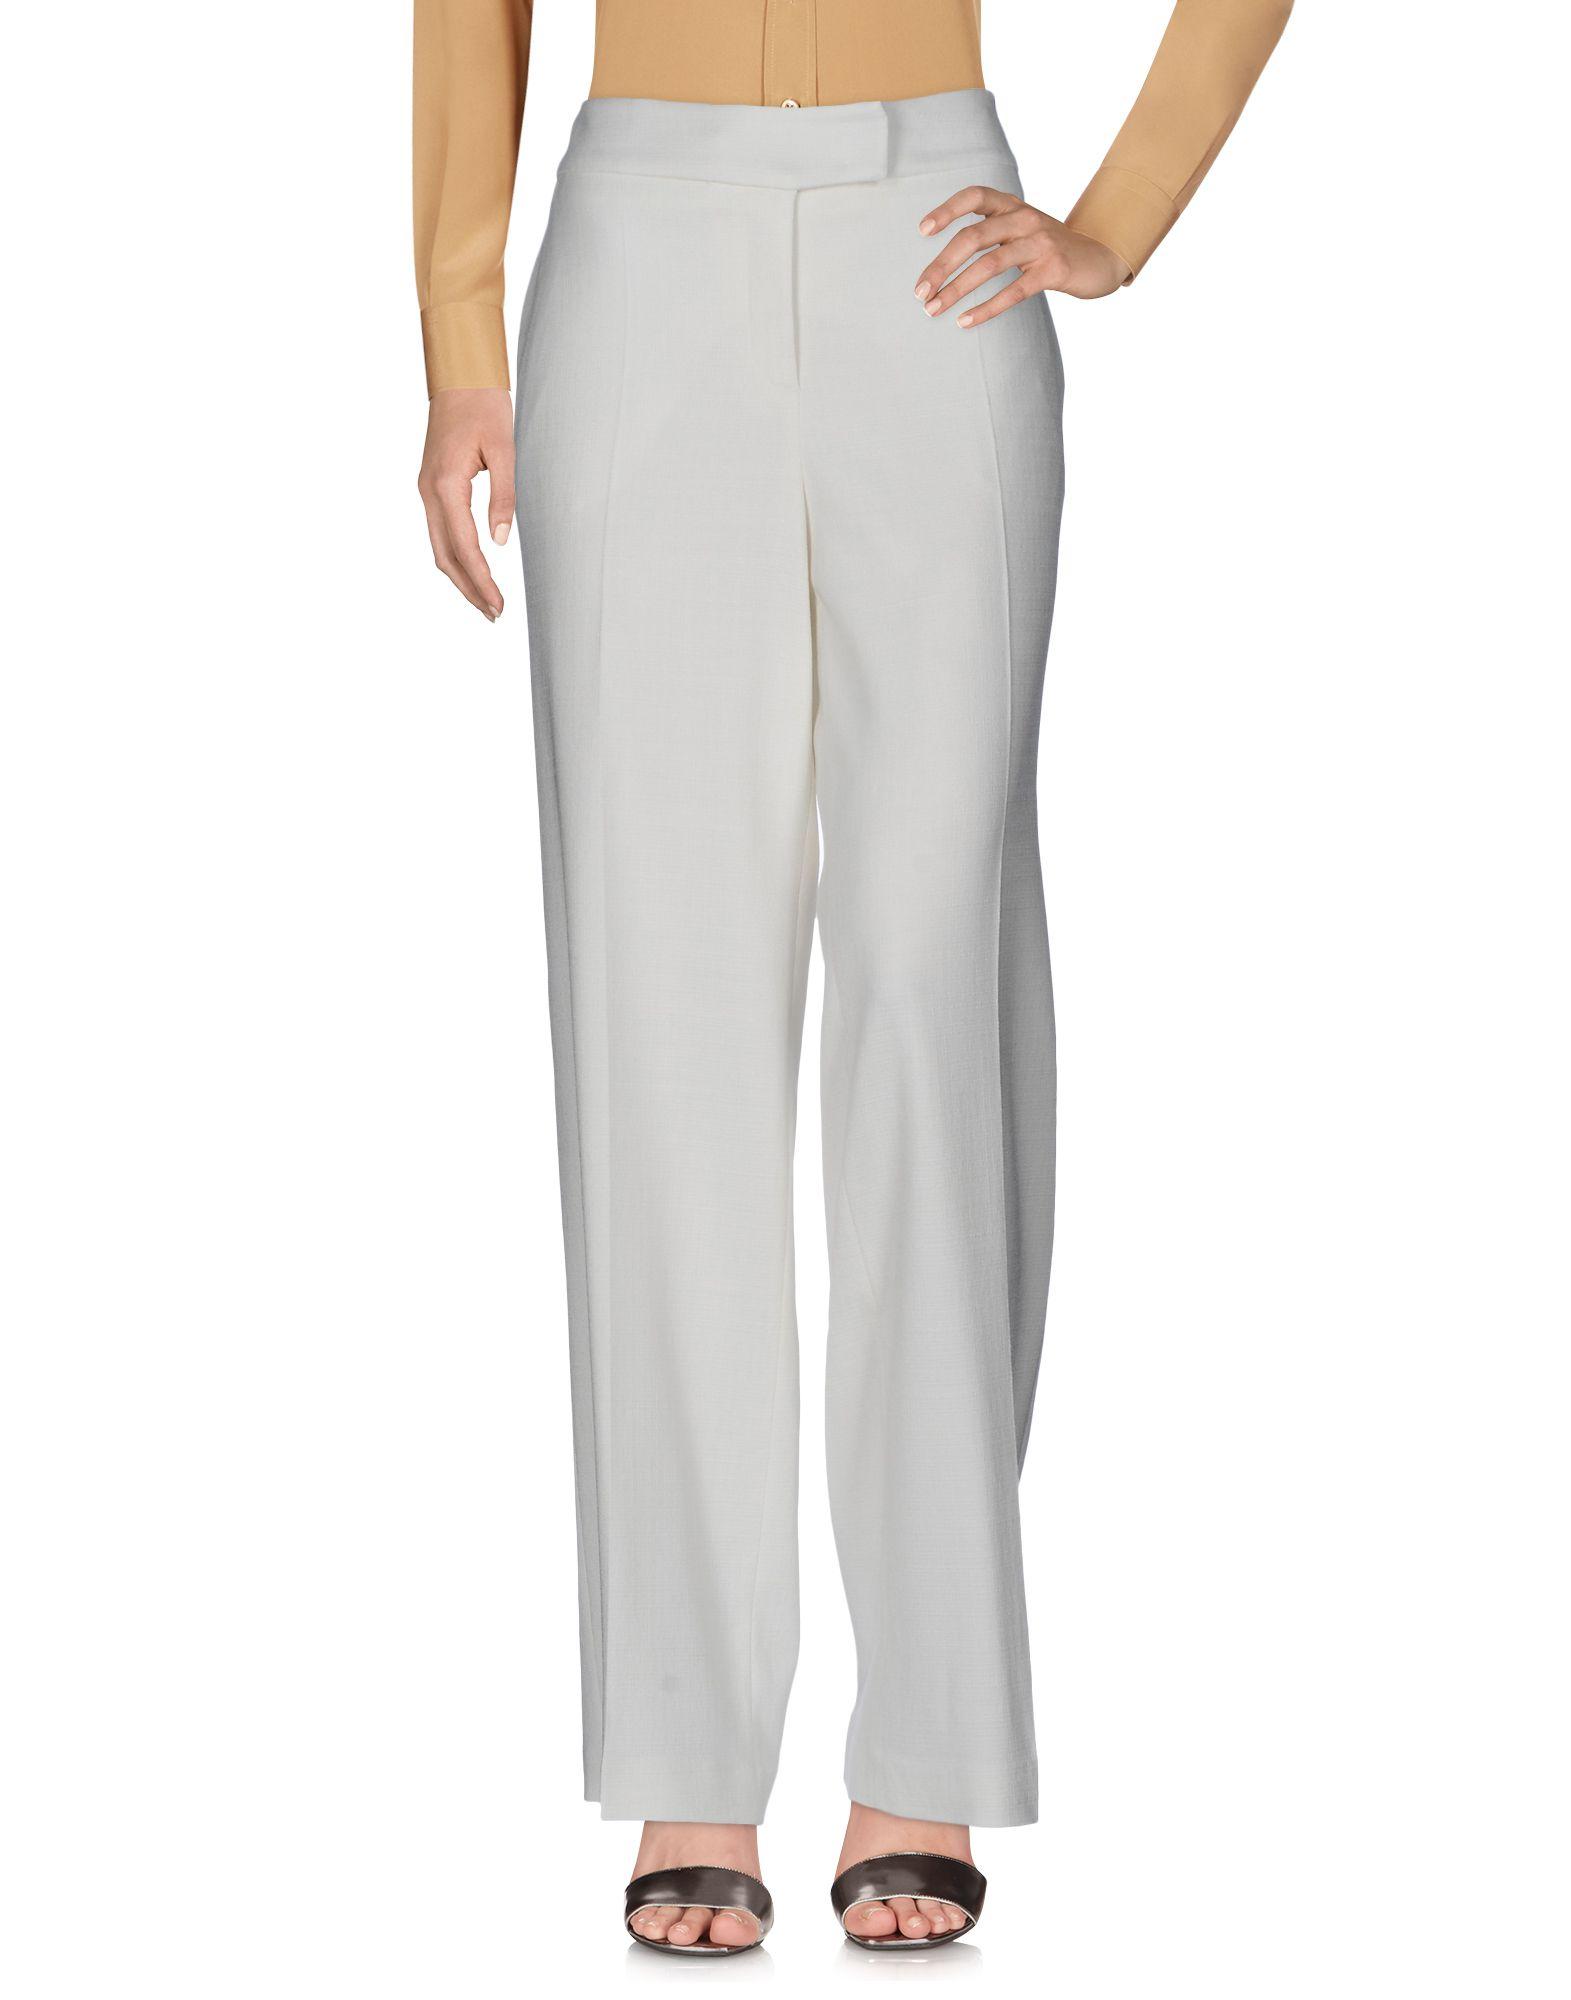 Pantalone Natan Edition 5 Donna - Acquista online su YGijZf0TZA